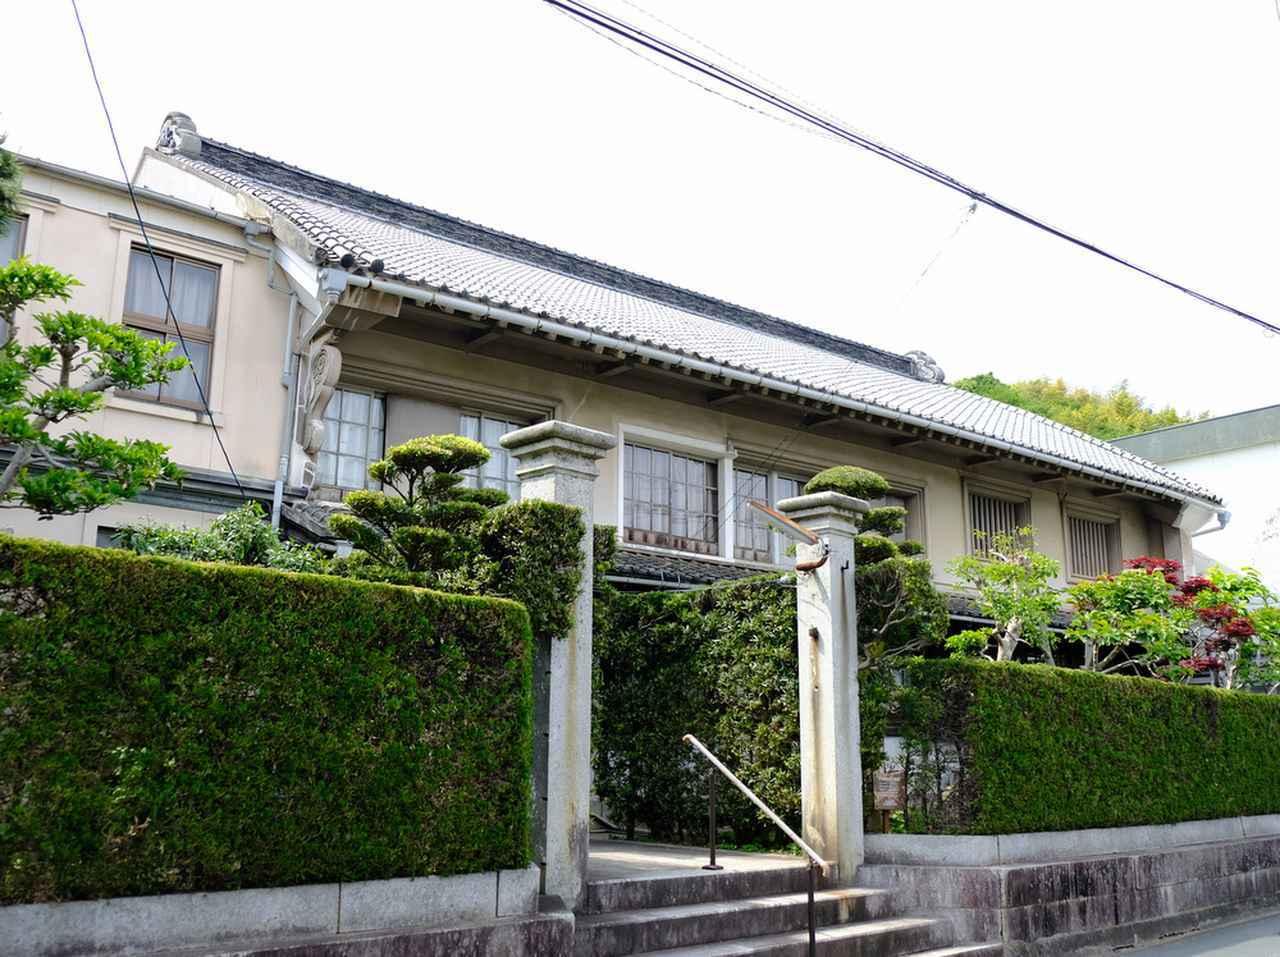 画像: 旧白石和太郎邸すぐ隣にあるのが旧宇都宮壮十郎邸。膨らんだむくり屋根が特徴です。